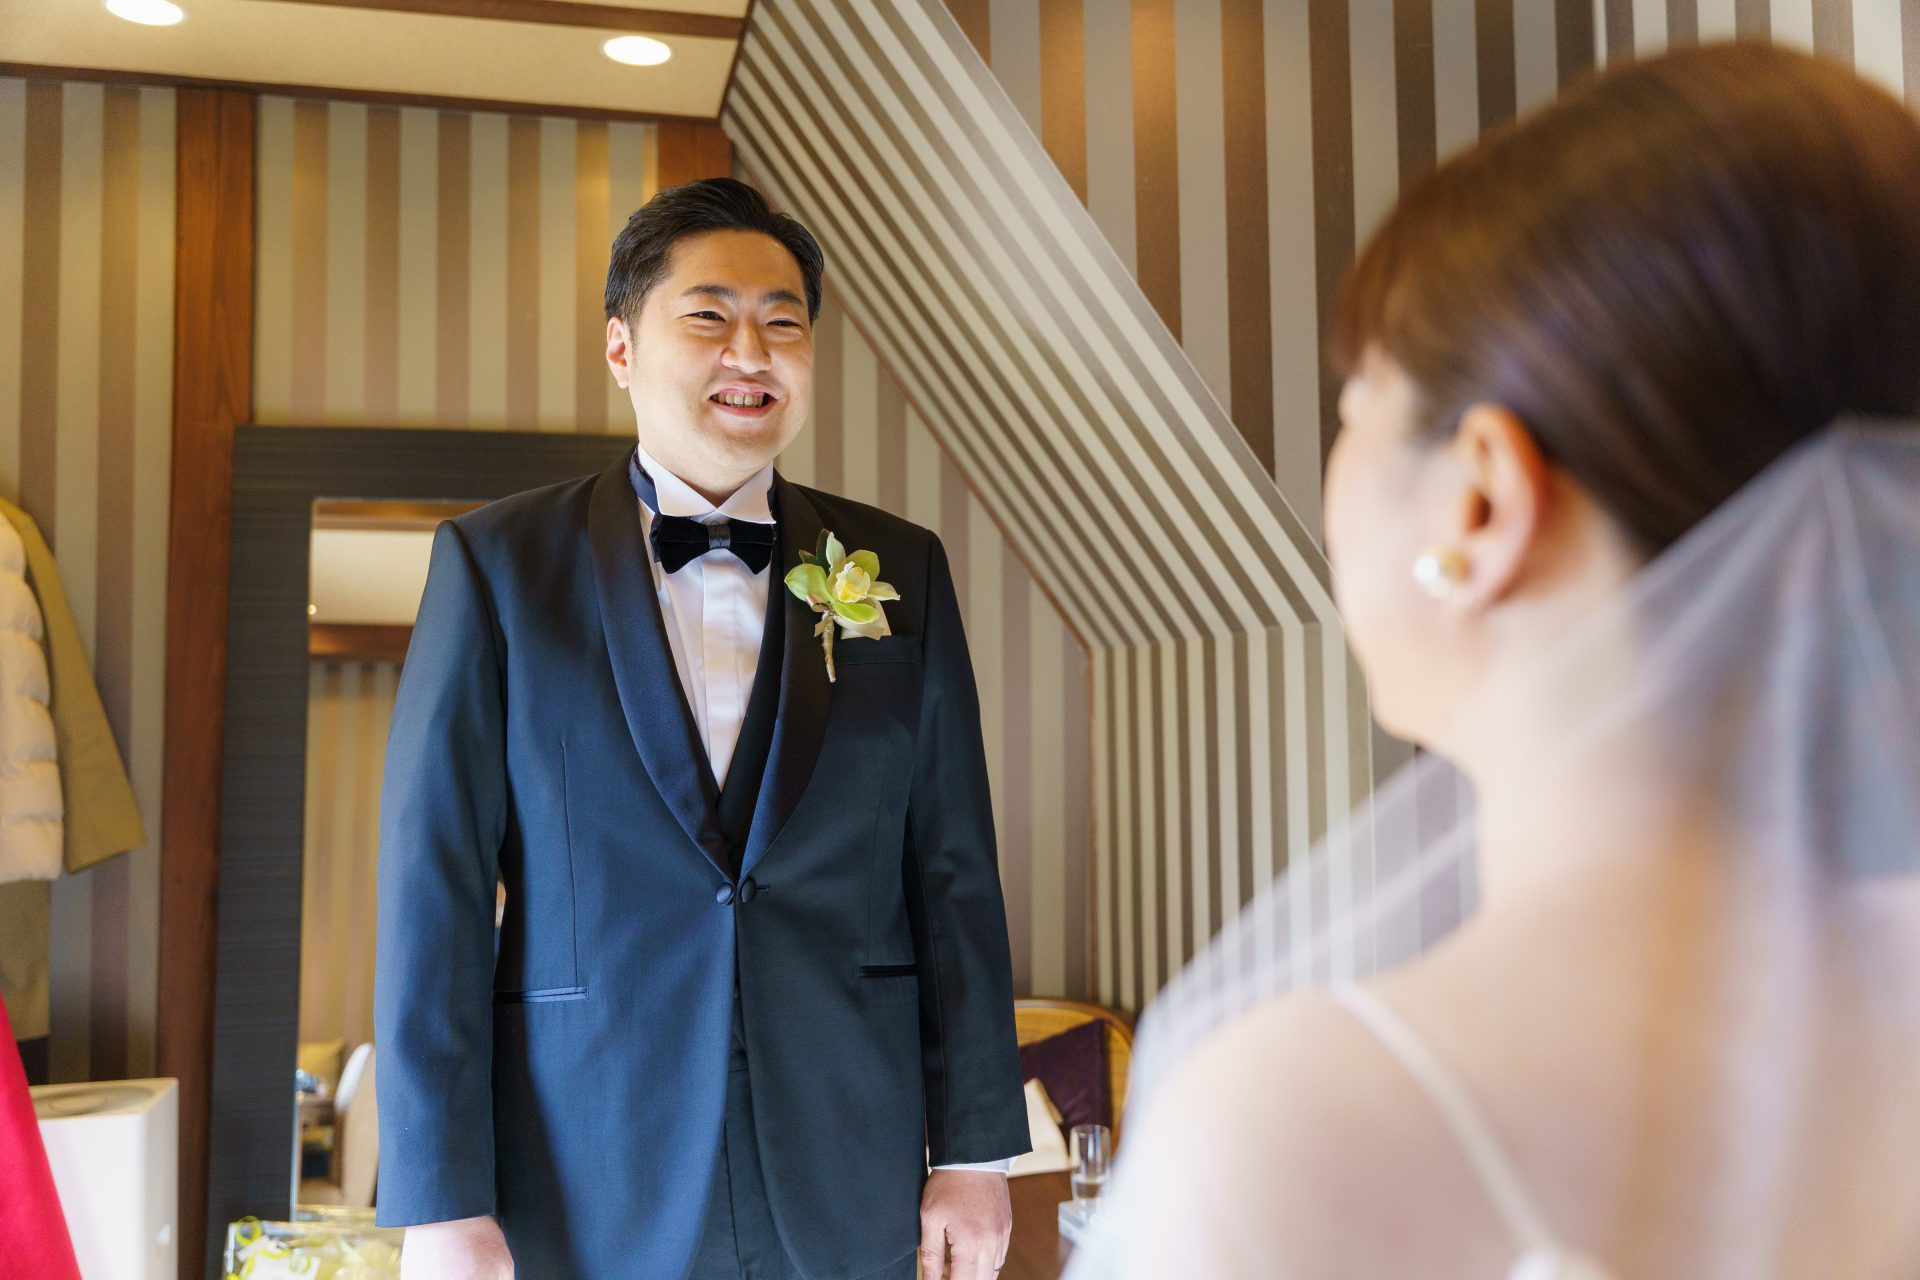 藤屋御本陳のブライズルームでファーストミートを行いご新婦様のウェディングドレス姿の美しさにはにかむご新郎様